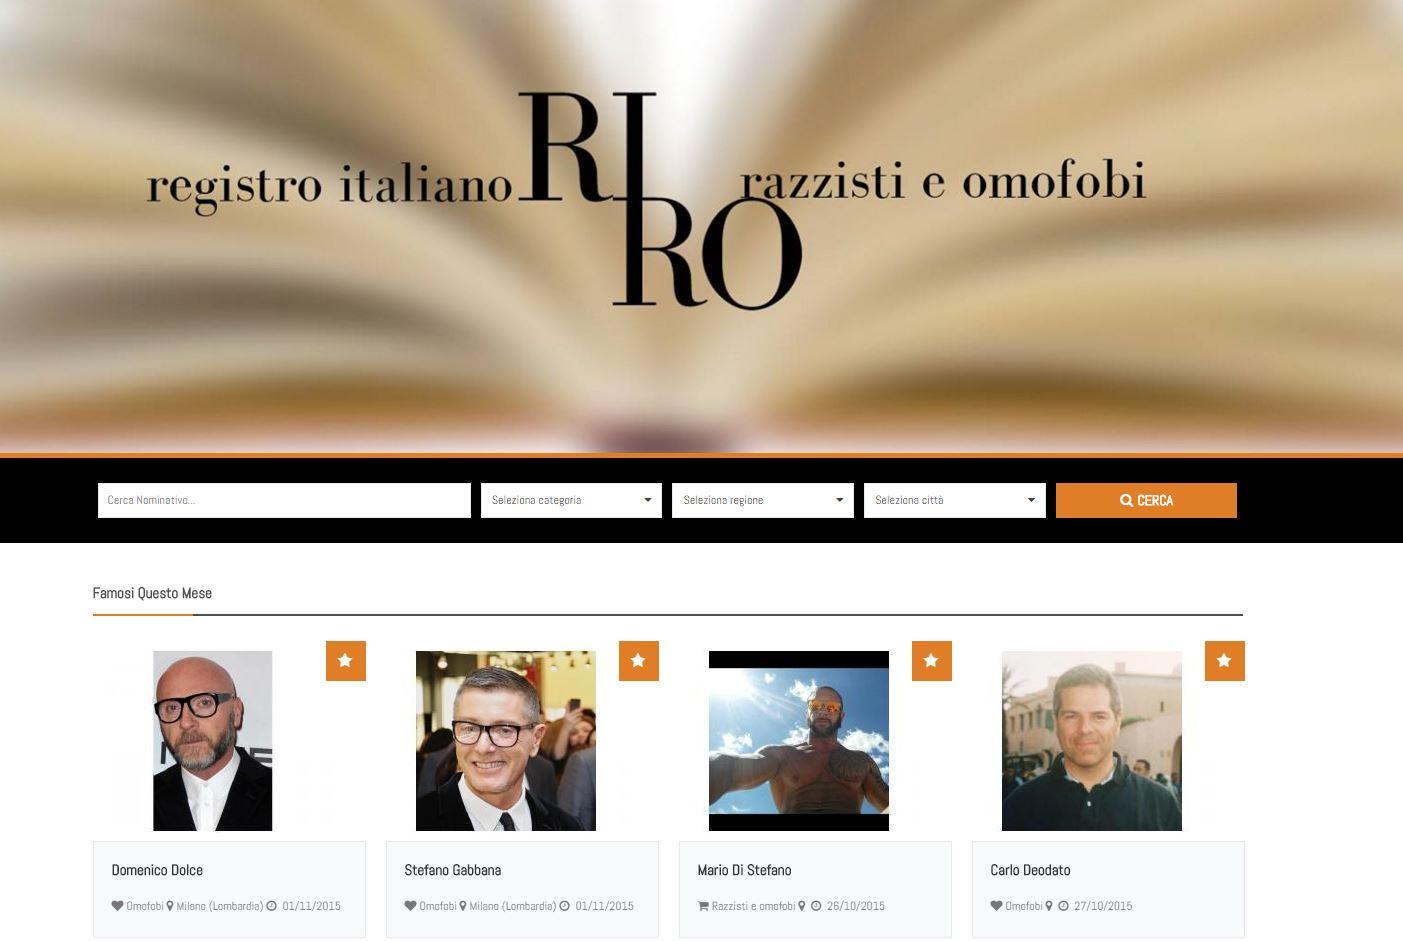 La home page del RIRO, il registro italiani omofobi e razzisti